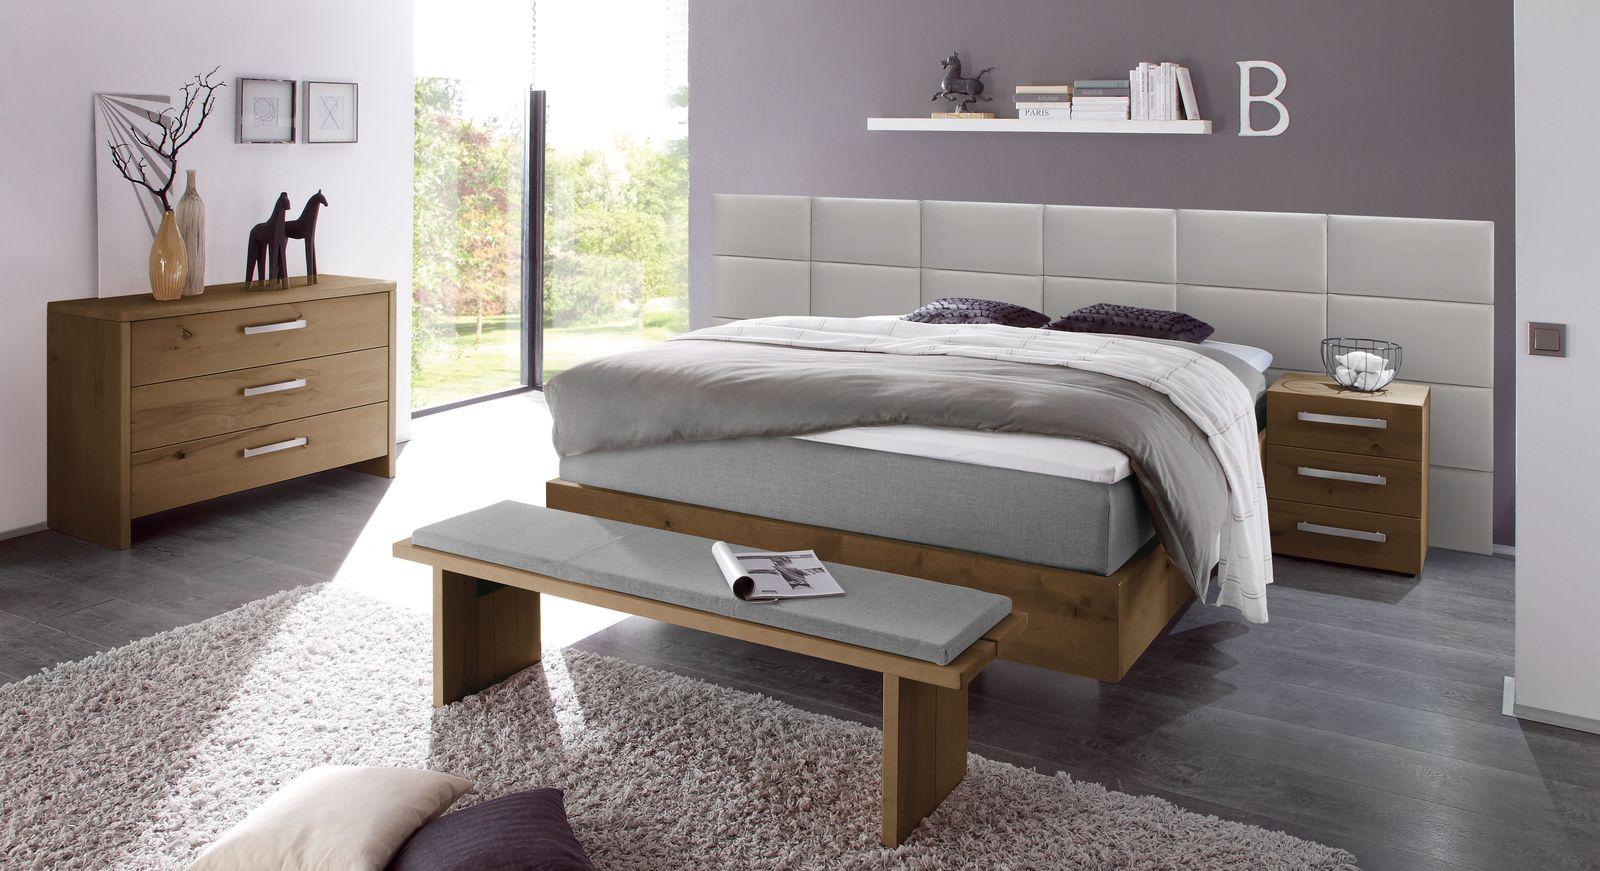 Boxspringbett Rubios mit passenden Schlafzimmer-Accessoires